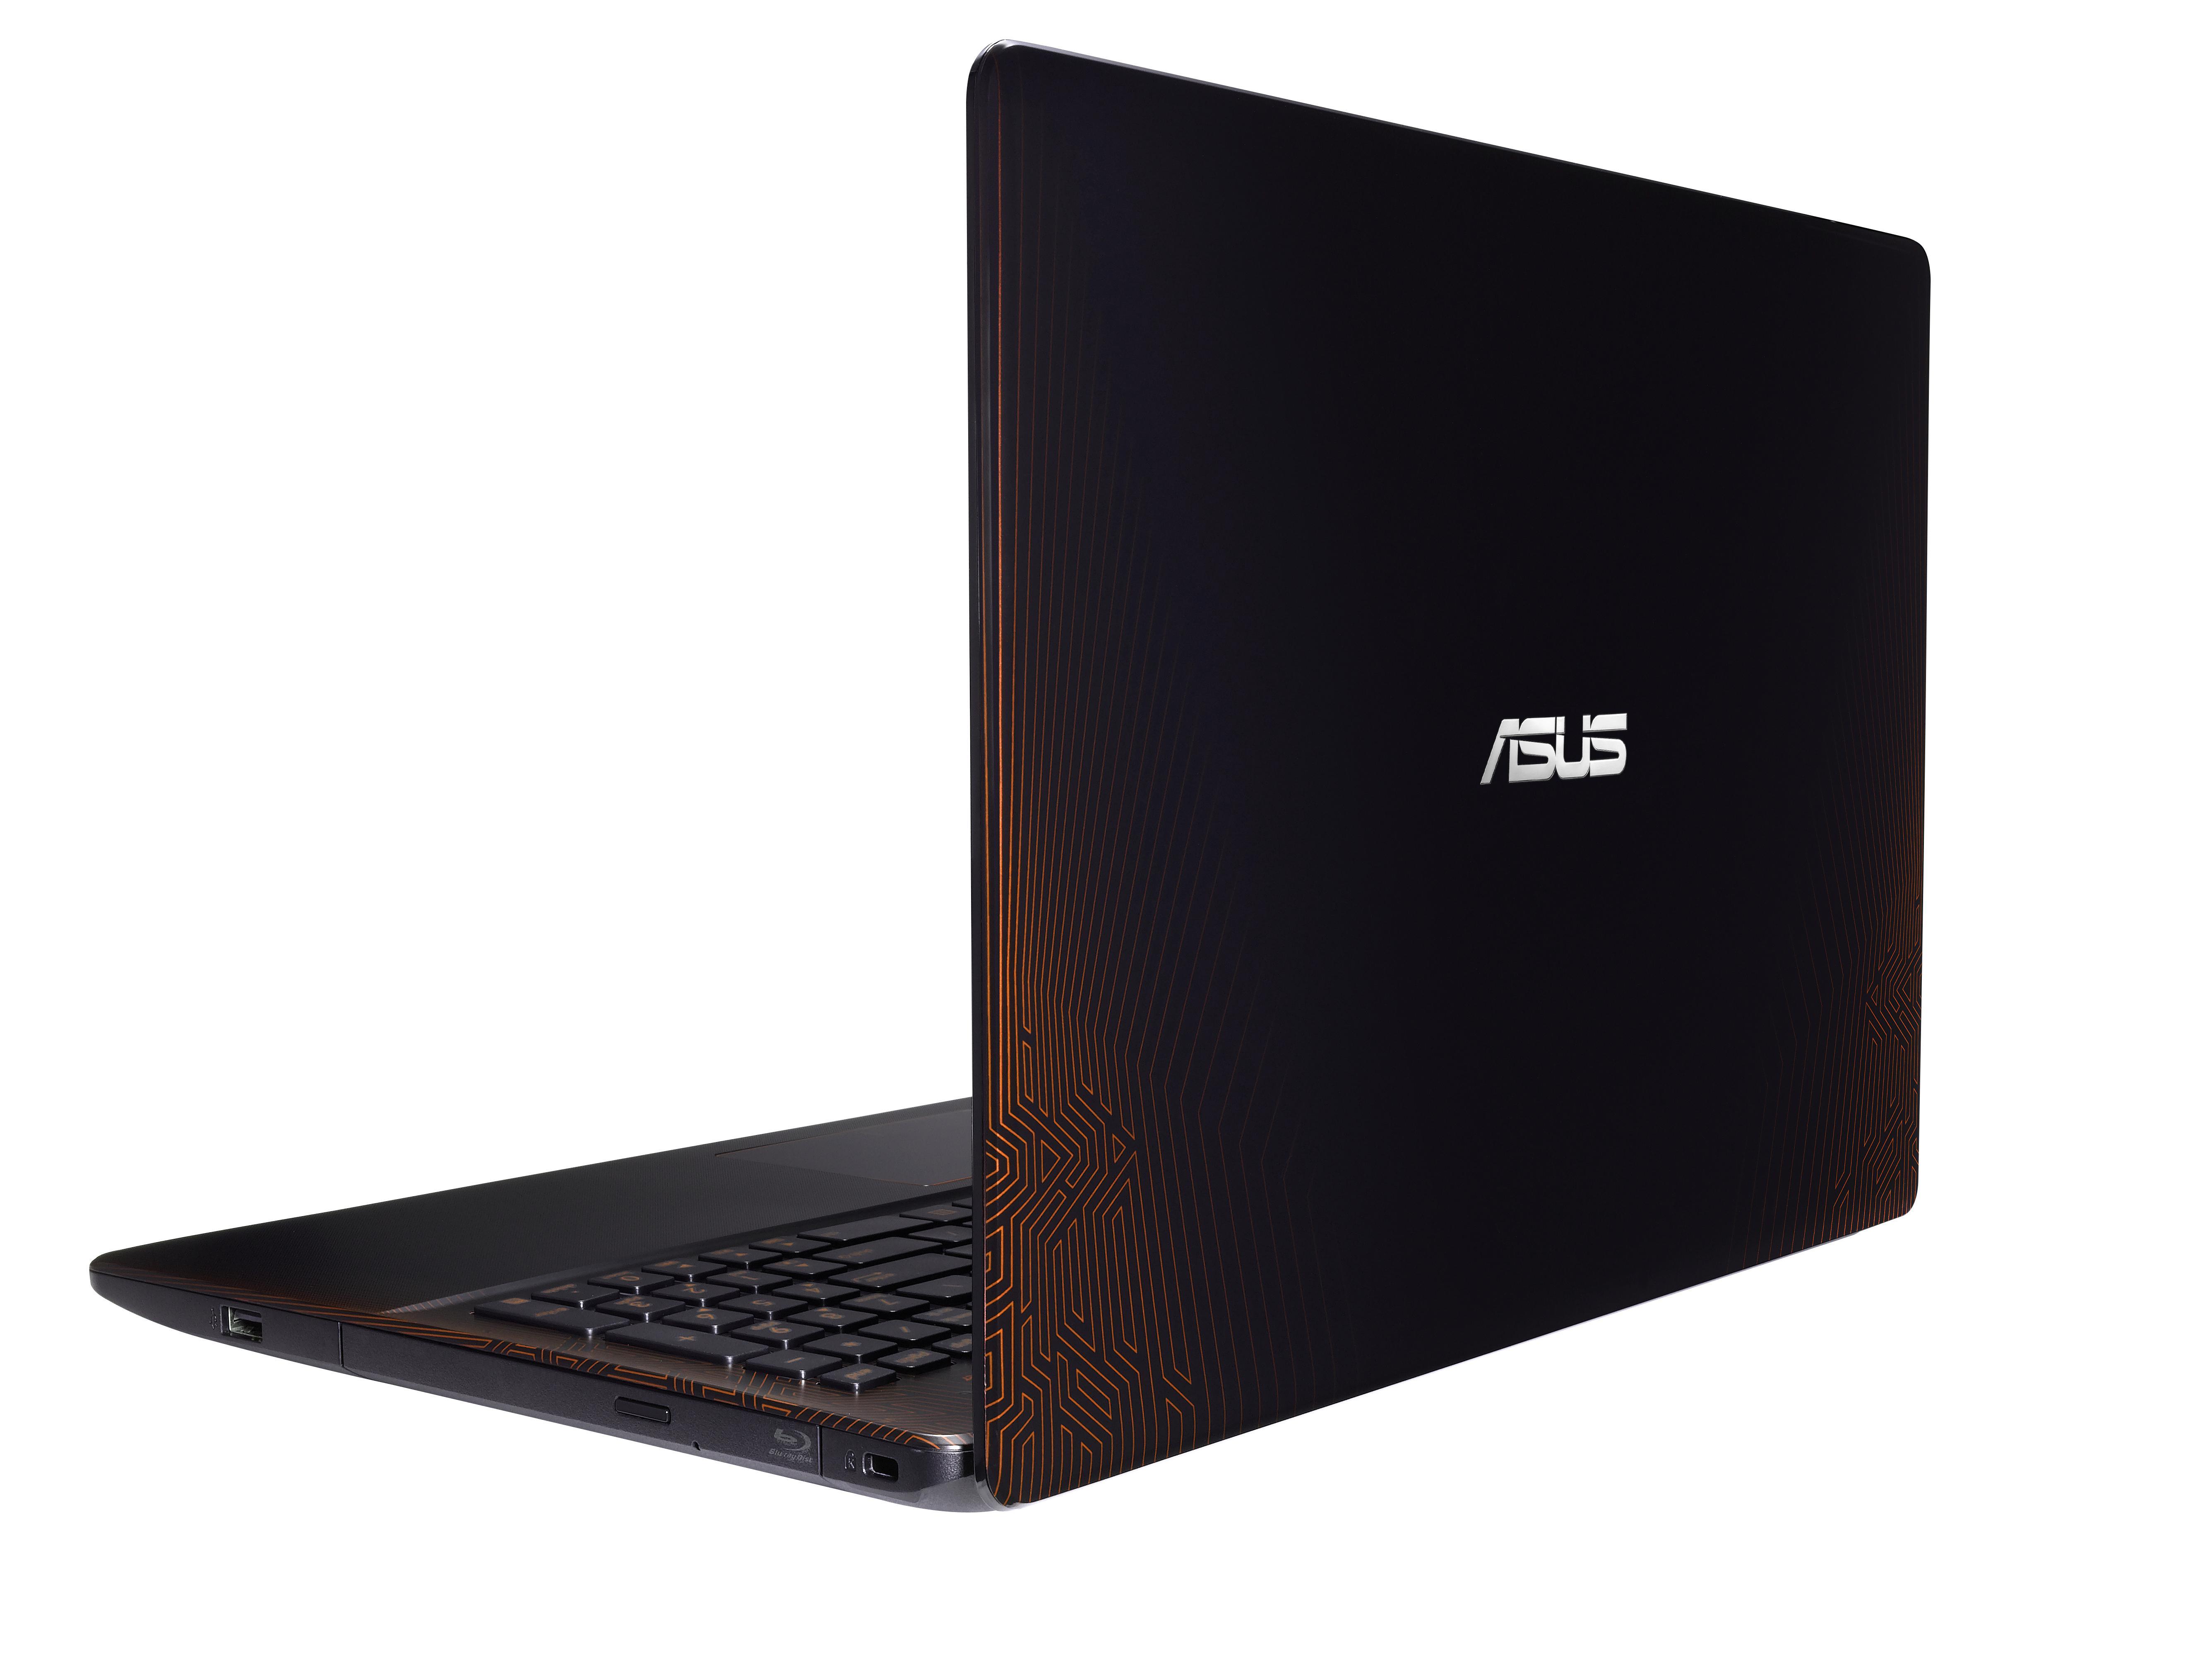 Specs Asus X550vx Xx147d Notebook 39 6 Cm 15 6 1366 X 768 Pixels 6th Gen Intel Core I7 4 Gb Ddr4 Sdram 1000 Gb Hdd Nvidia Geforce Gtx 950m Freedos Black Red X550vx Xx147d